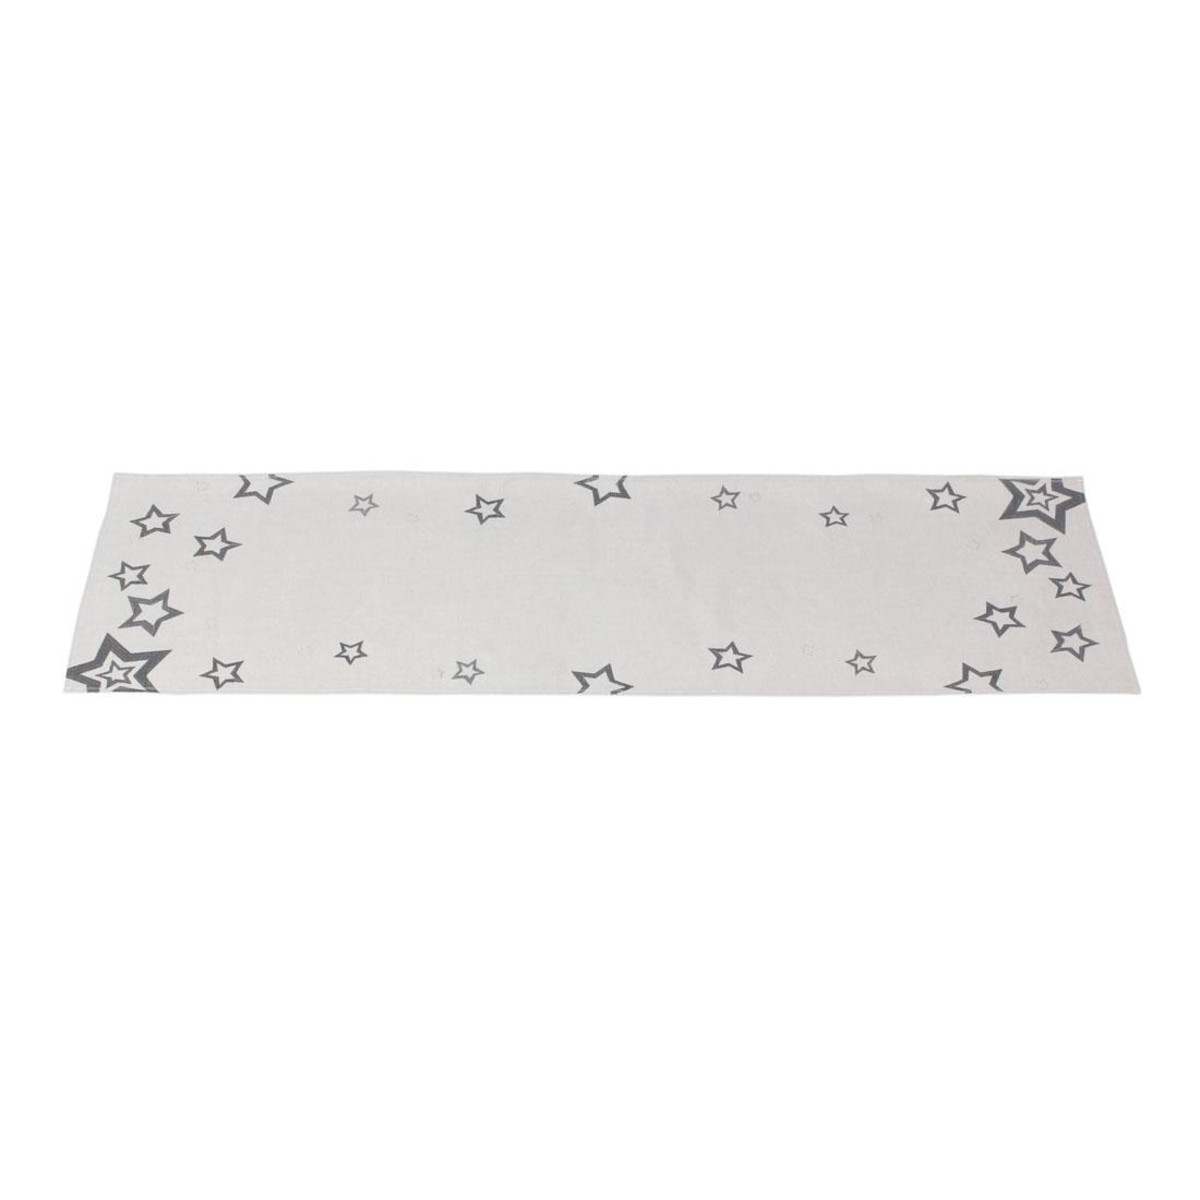 Дорожка на стол Хит-декор Звезды 06593 140х40 см